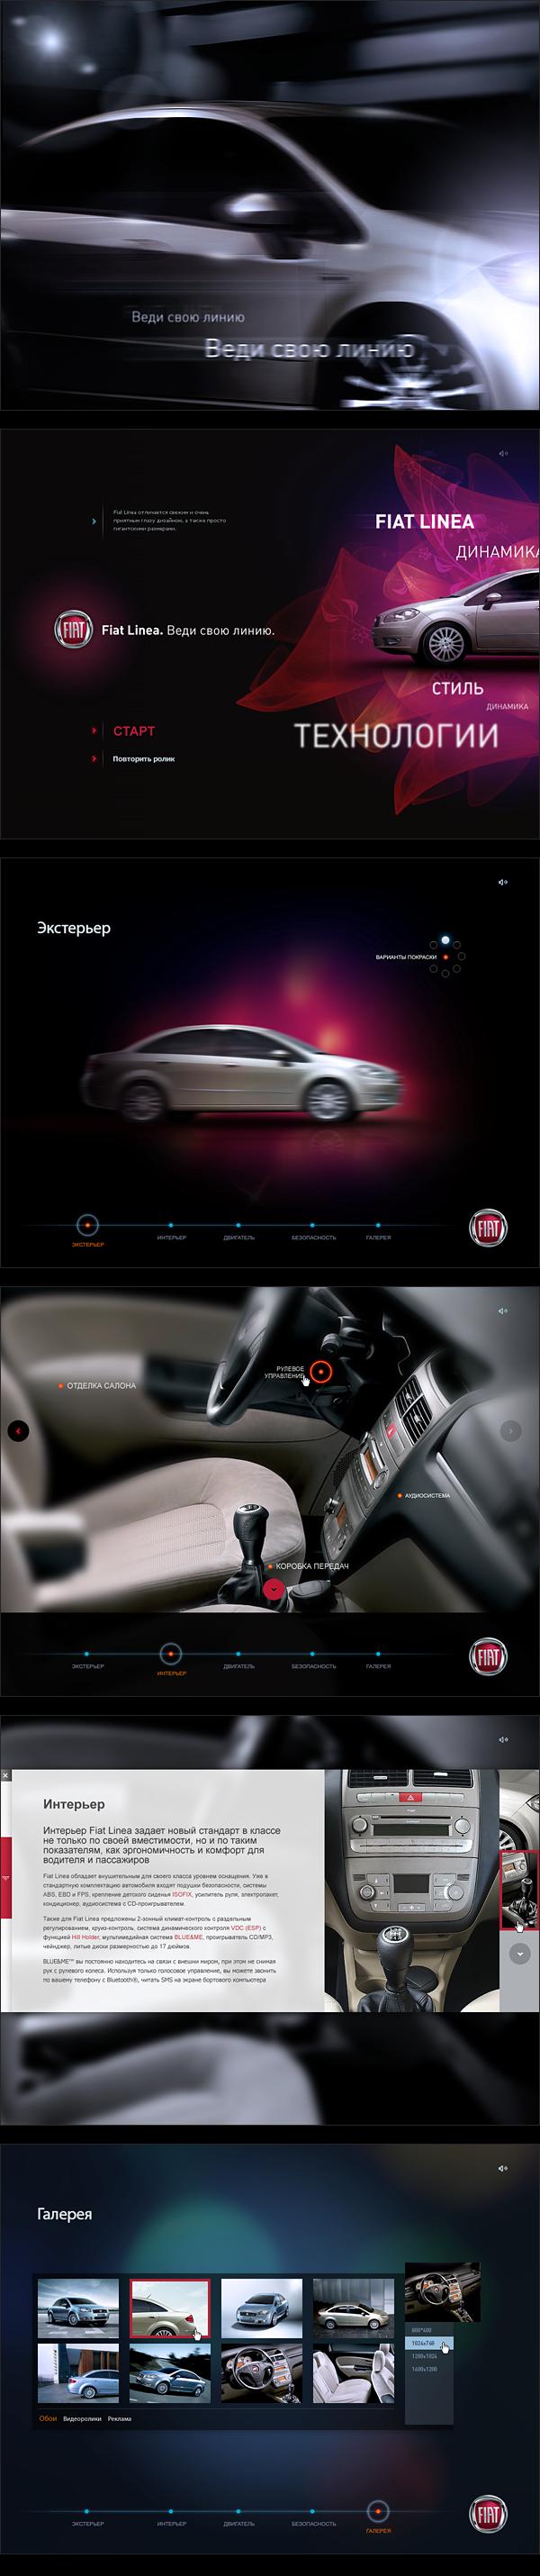 Fiat Linea presentation